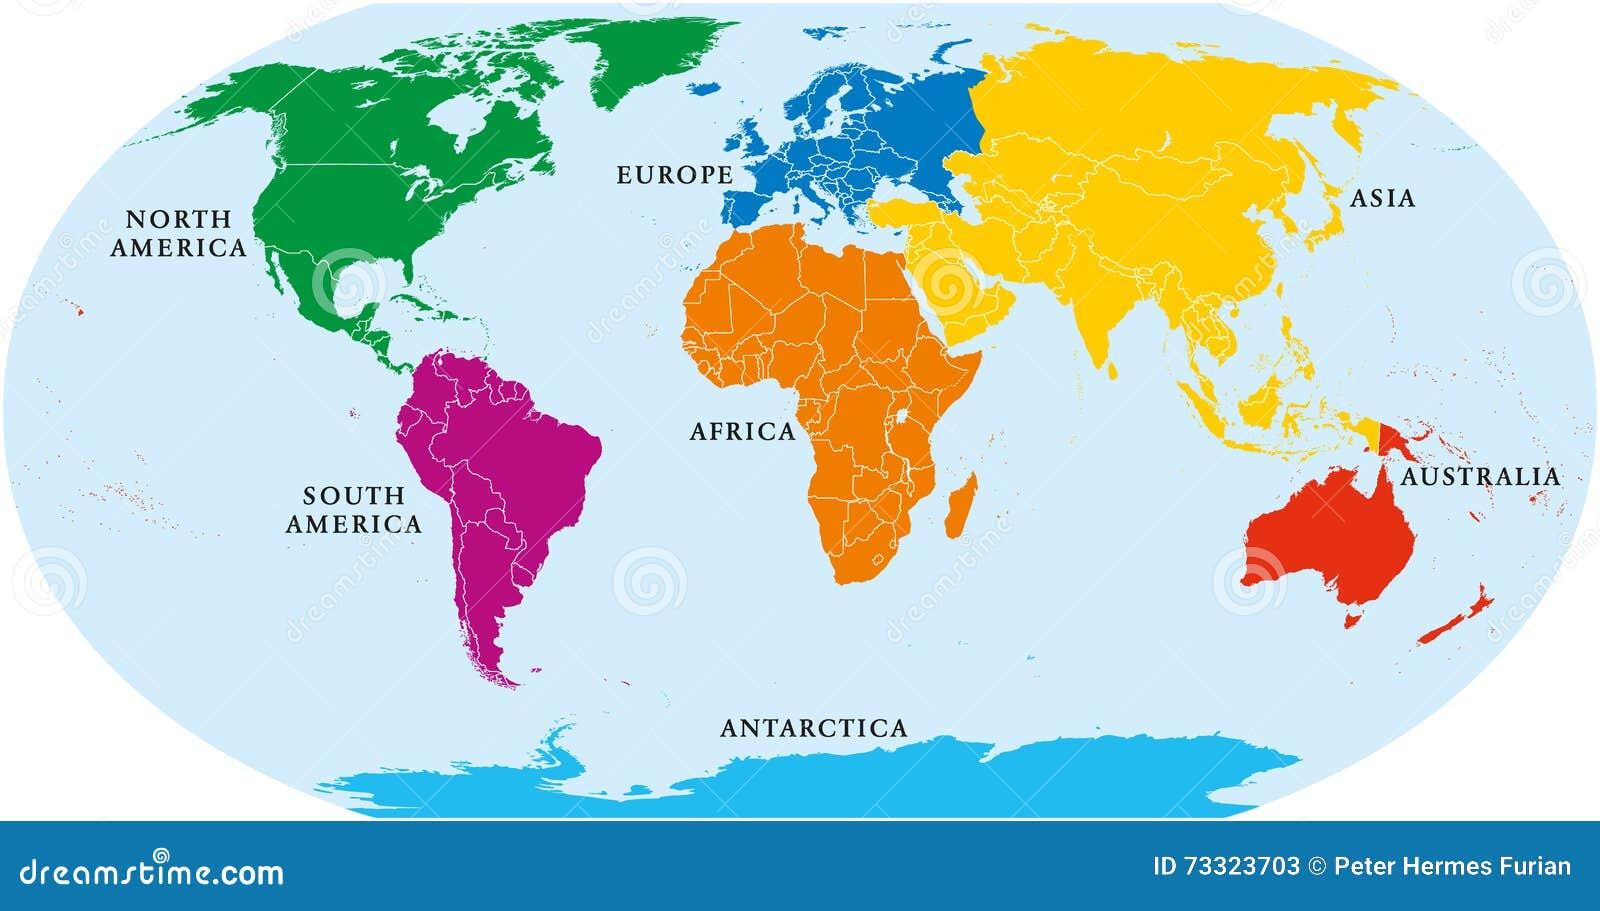 Carte Du Monde Continents.Carte Du Monde De Sept Continents Illustration De Vecteur